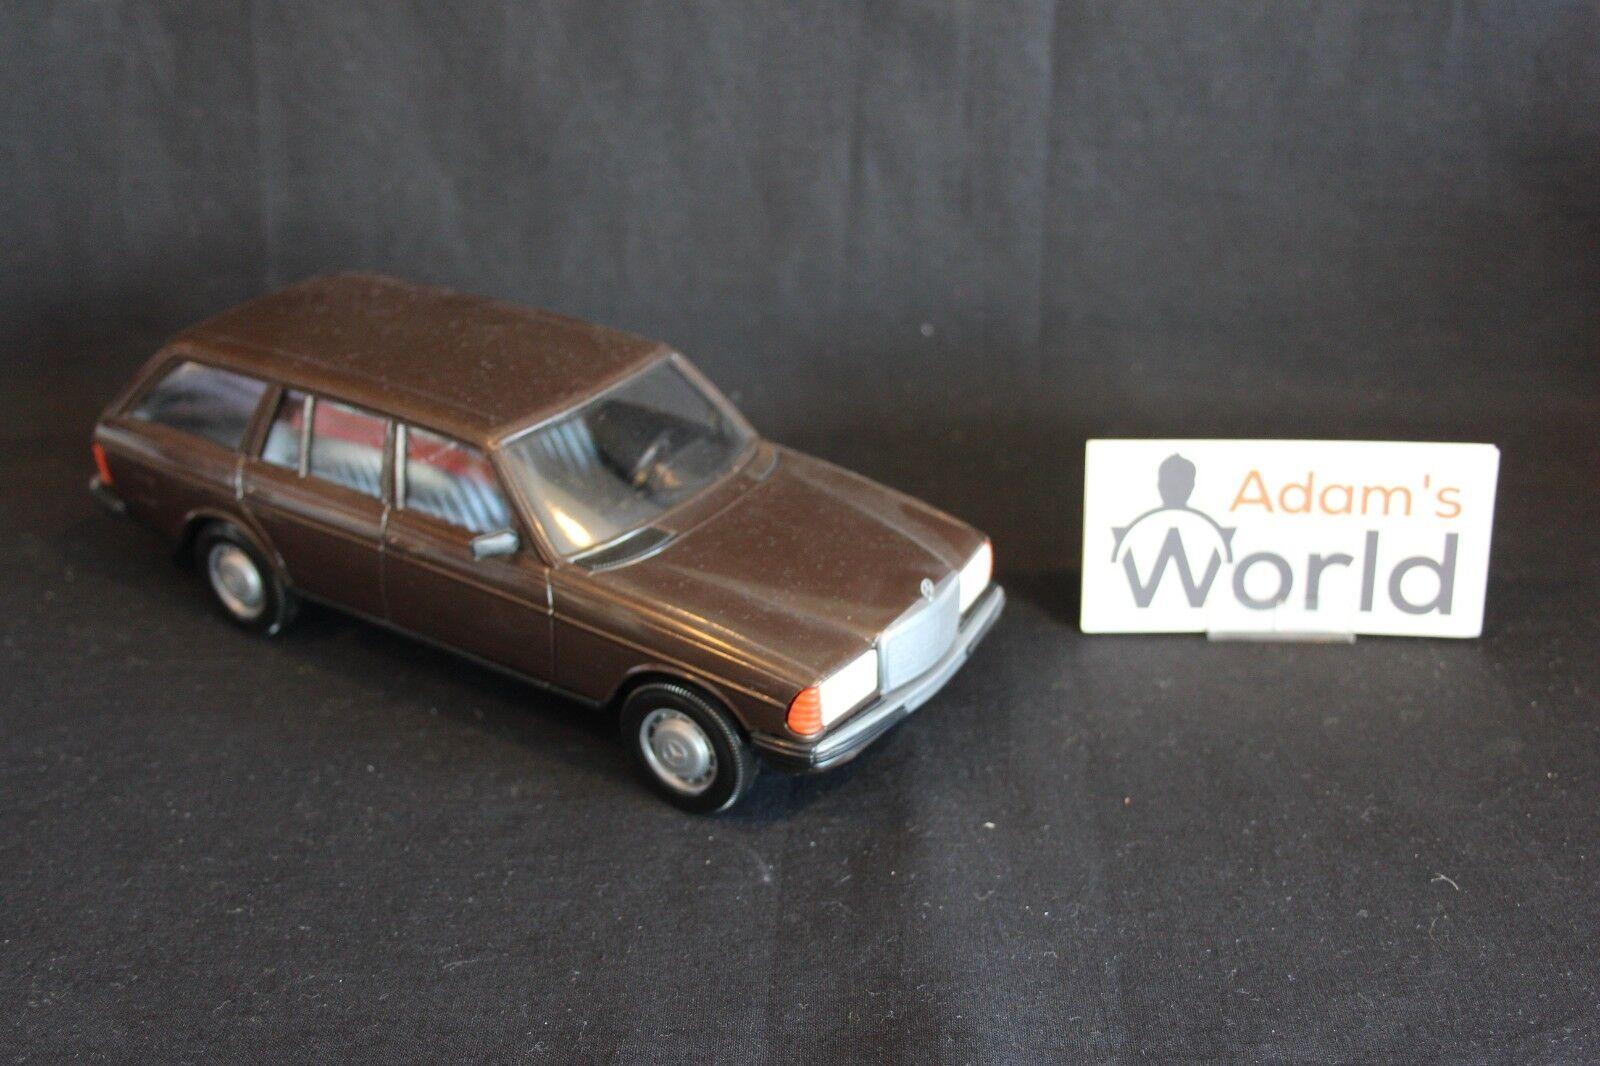 tomar hasta un 70% de descuento Stahlberg Mercedes-Benz W123 W123 W123 T-Modell 1 20 marrón metallic (JS)  el precio más bajo